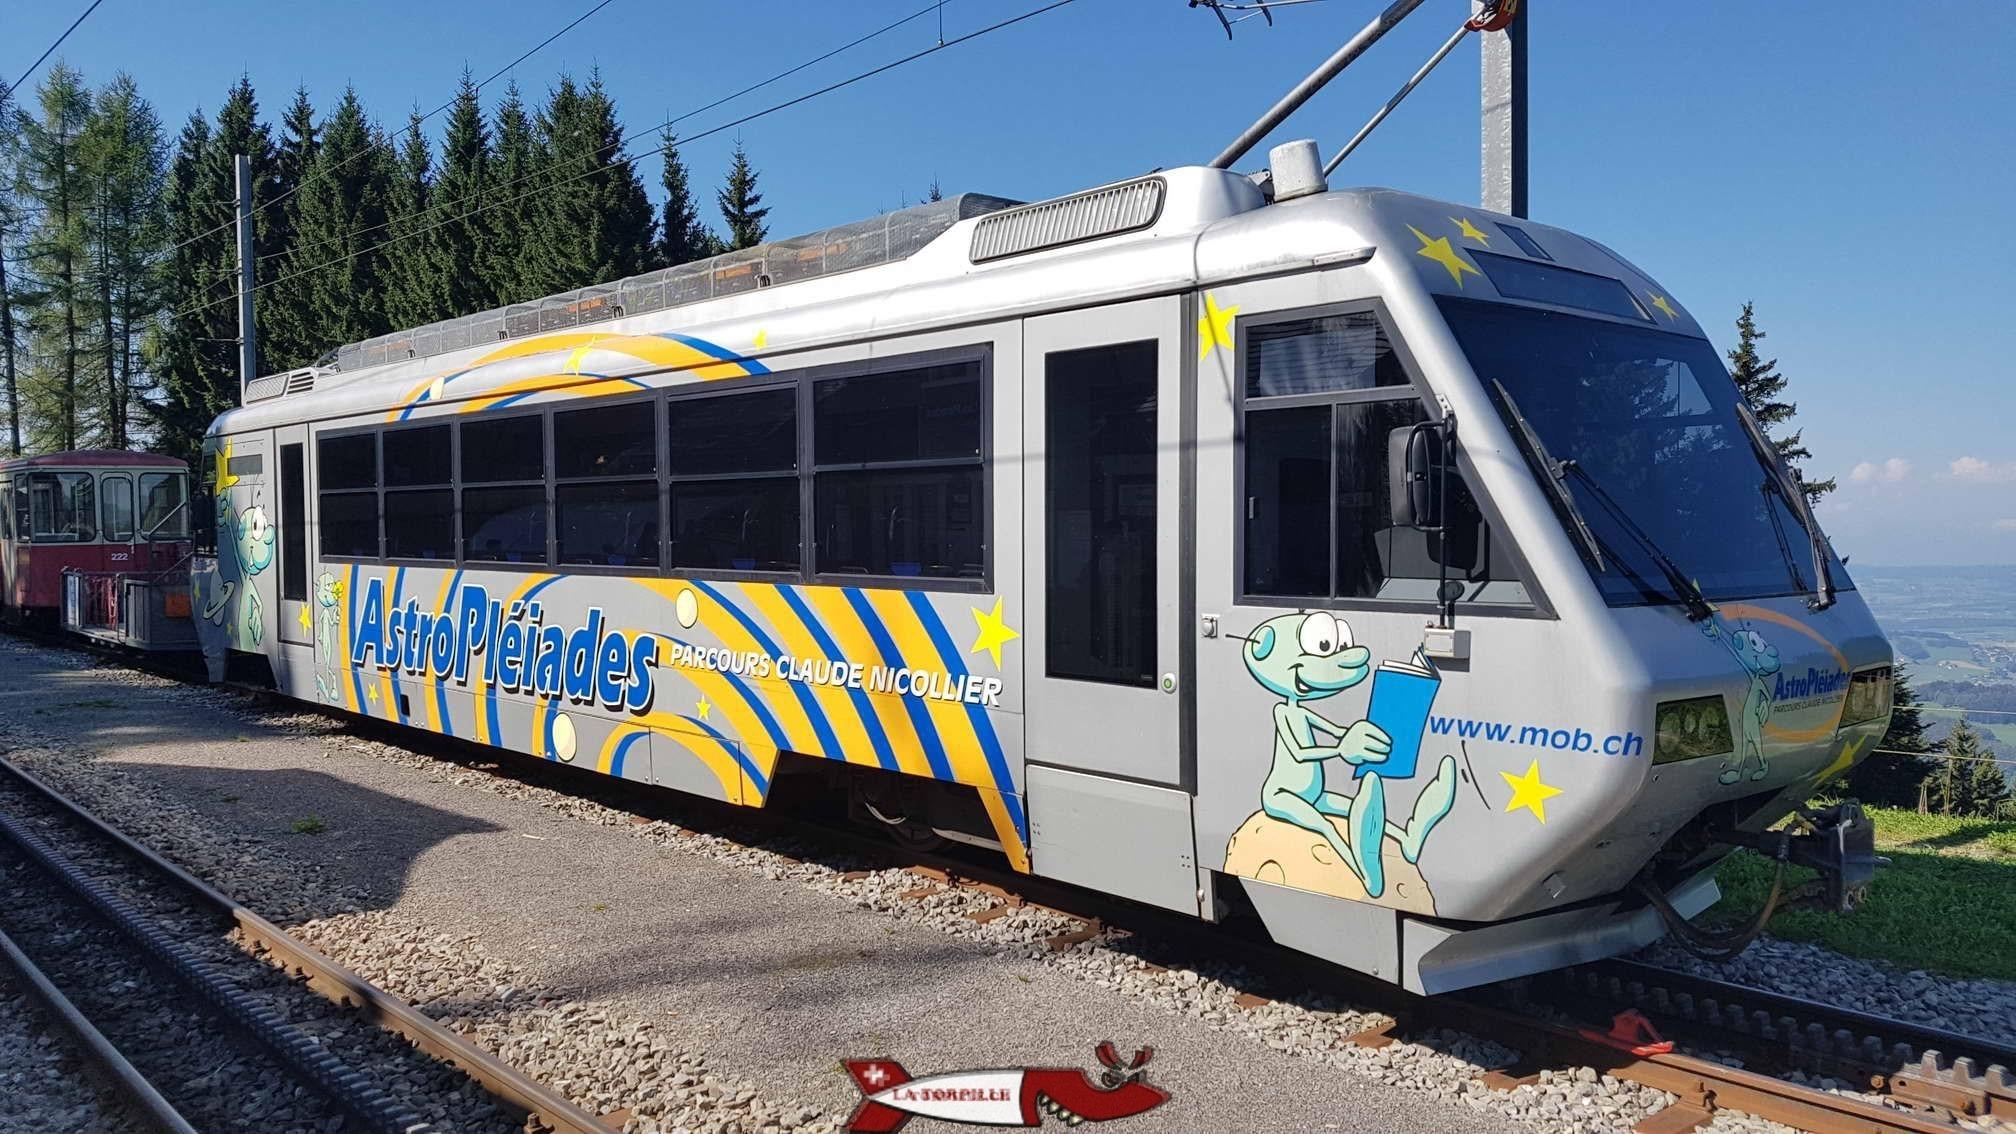 Train Vevey - Les Pléides